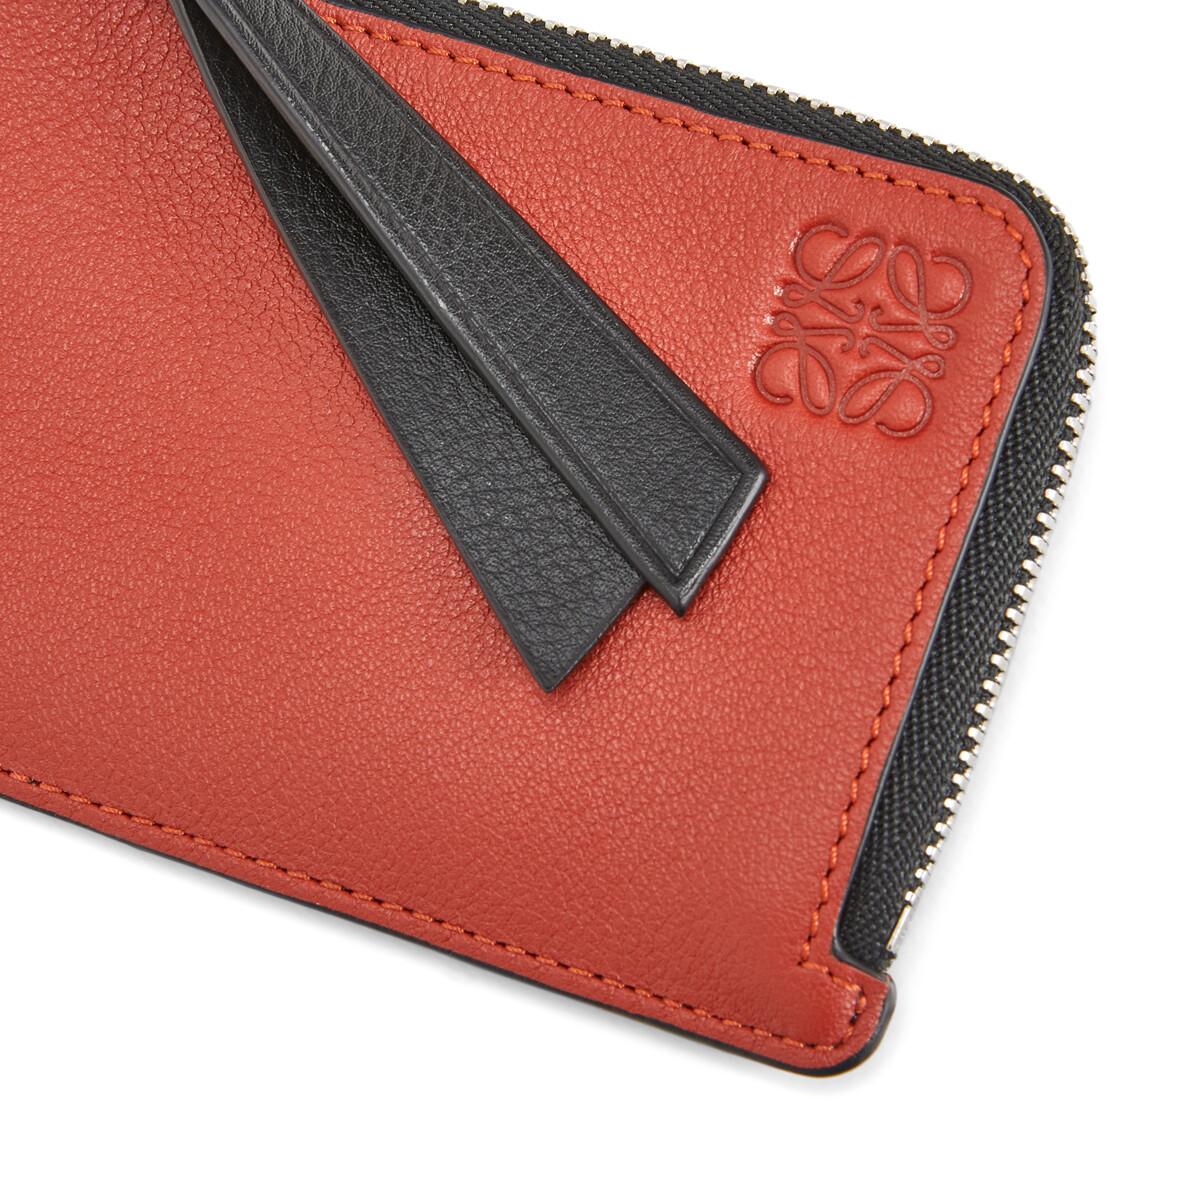 LOEWE Coin Cardholder Bicolor Black/Red front